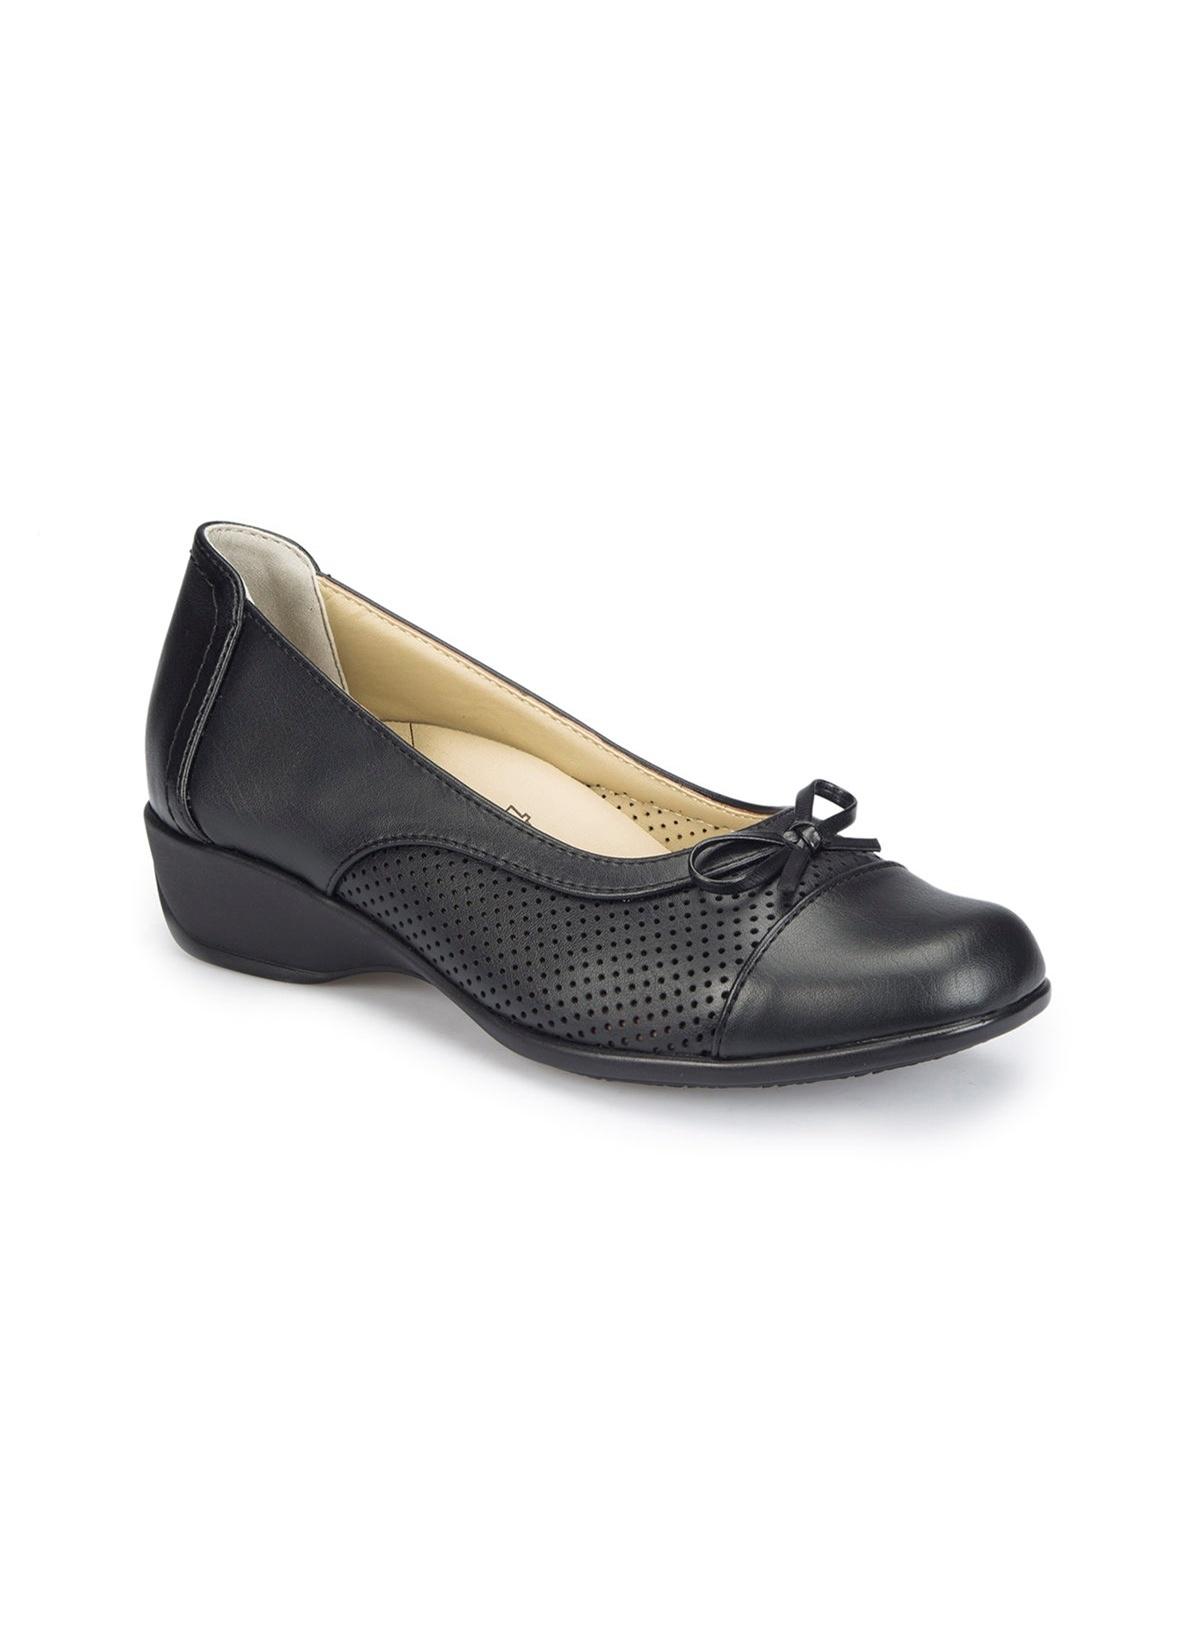 Polaris Ayakkabı 81.111003.z Basic Comfort – 74.99 TL